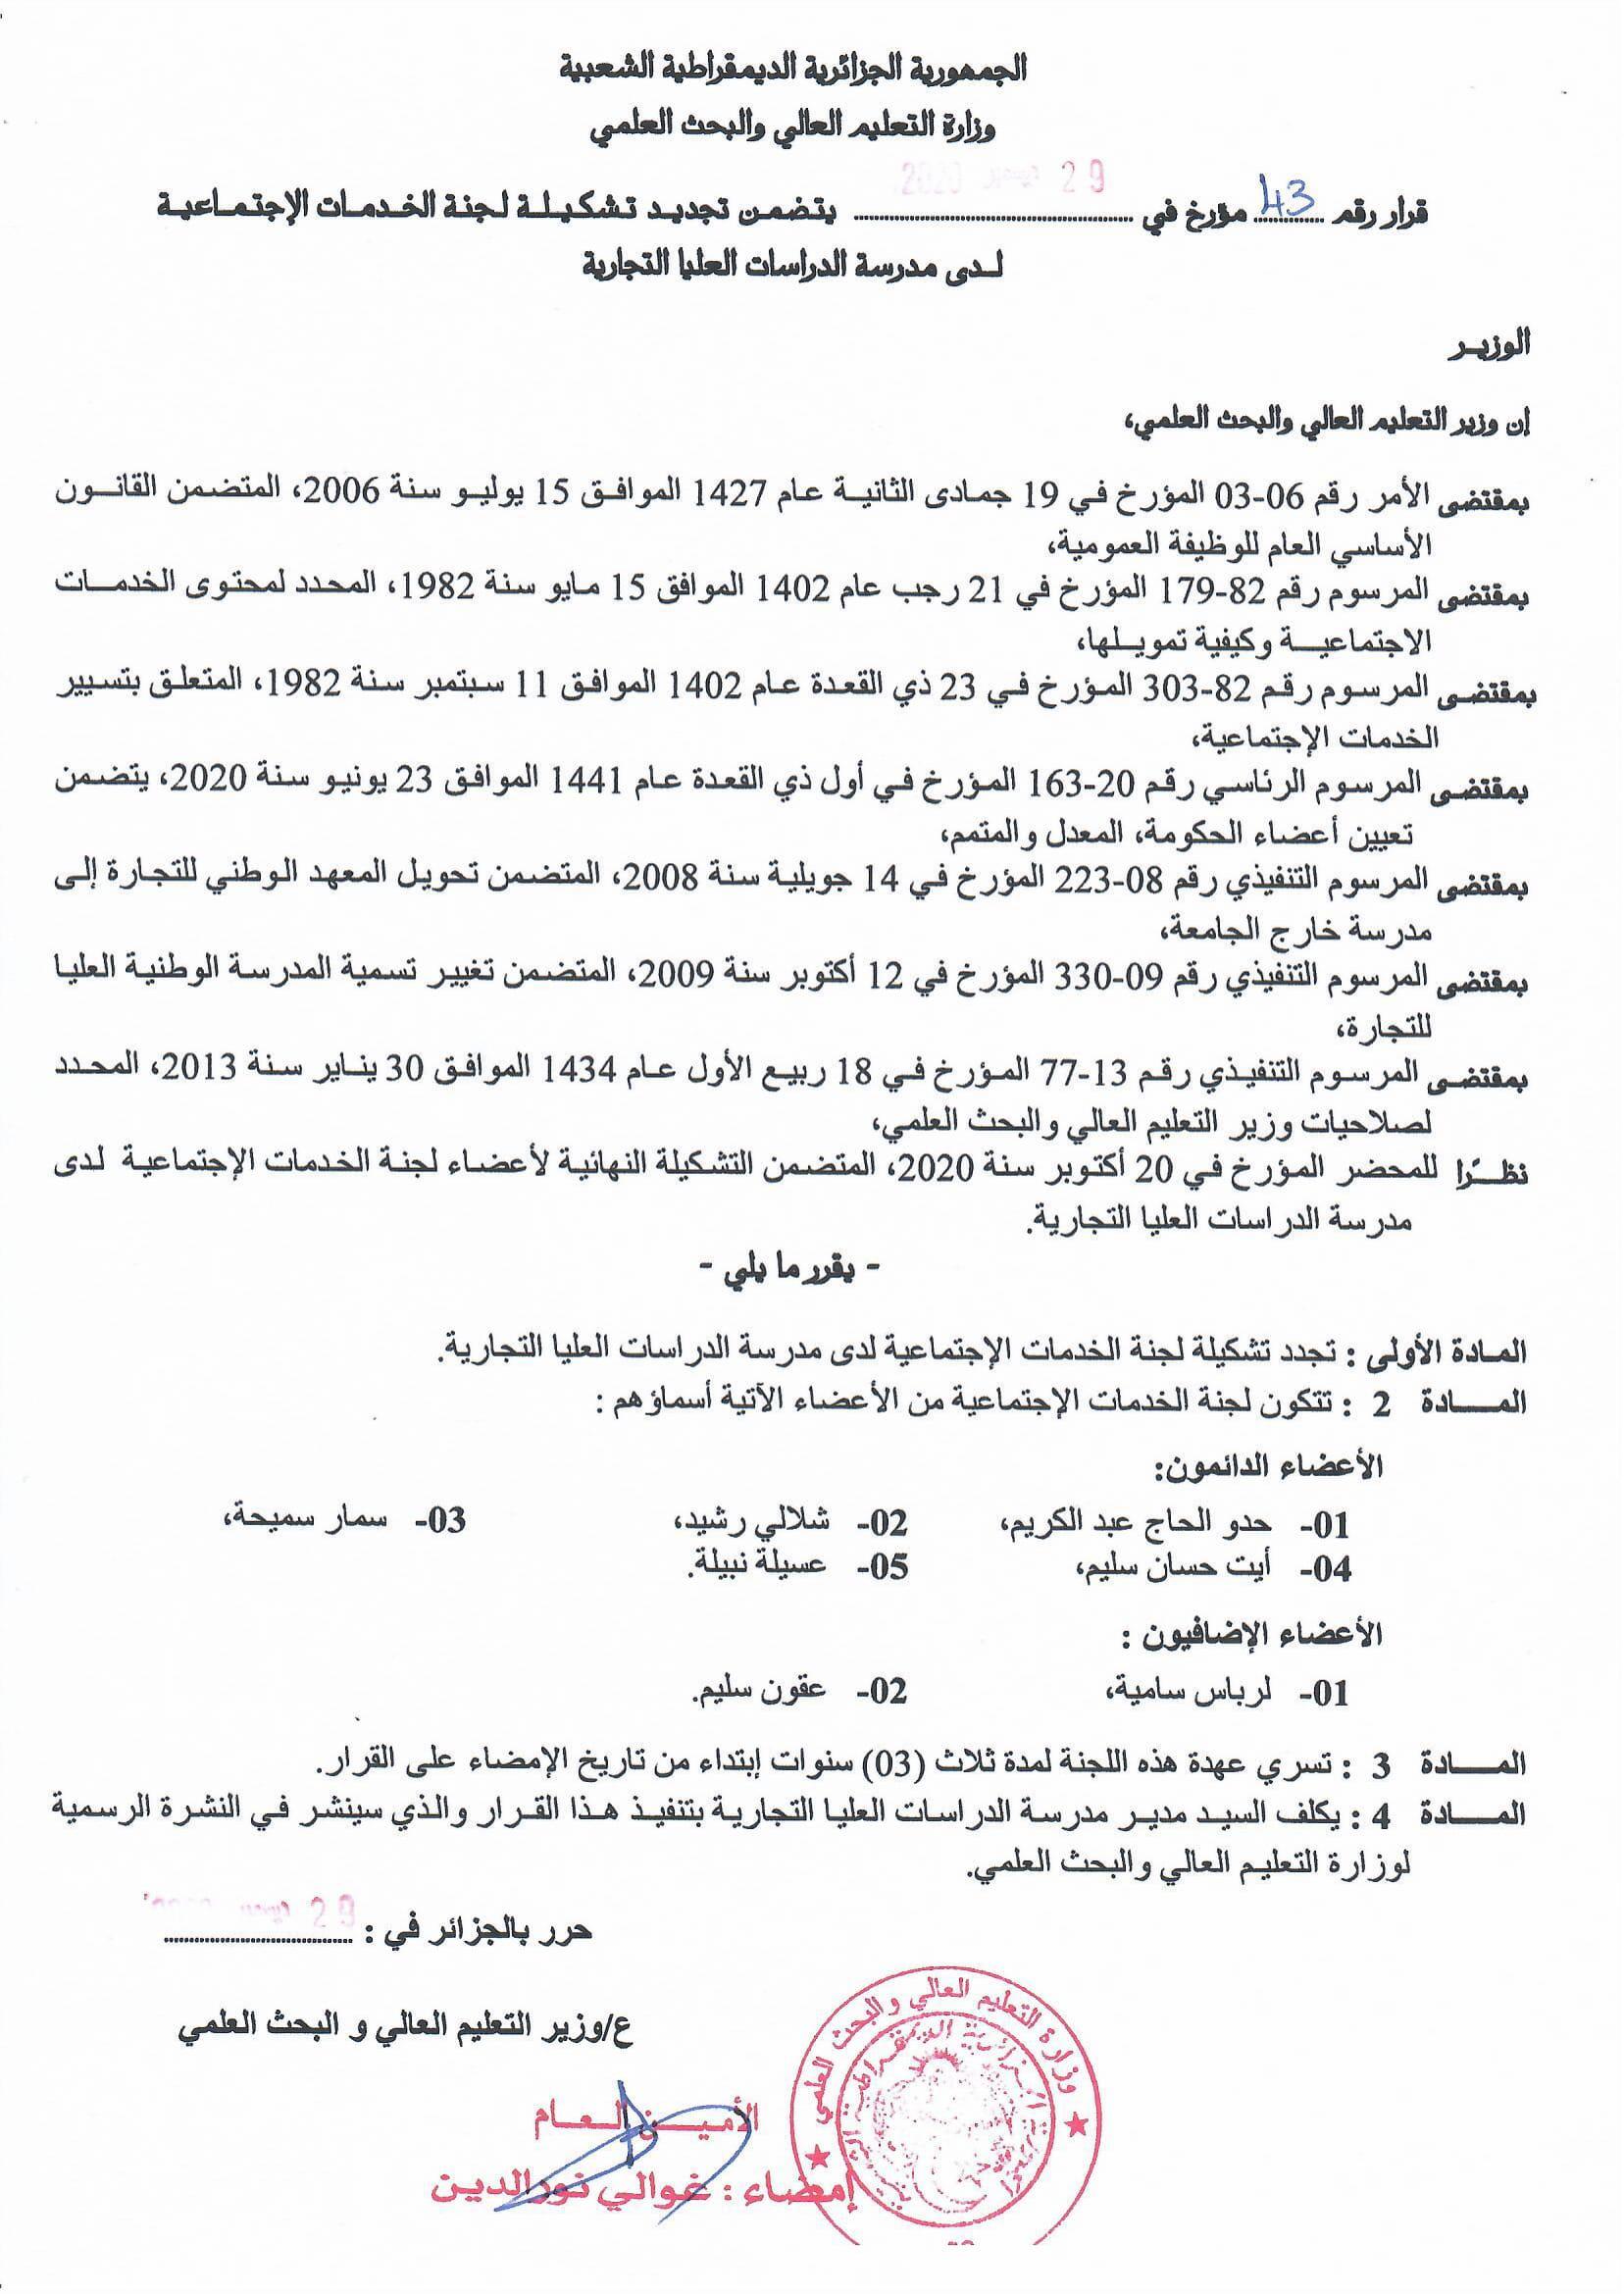 تشكيلية لجنة الخدمات الاجتماعية